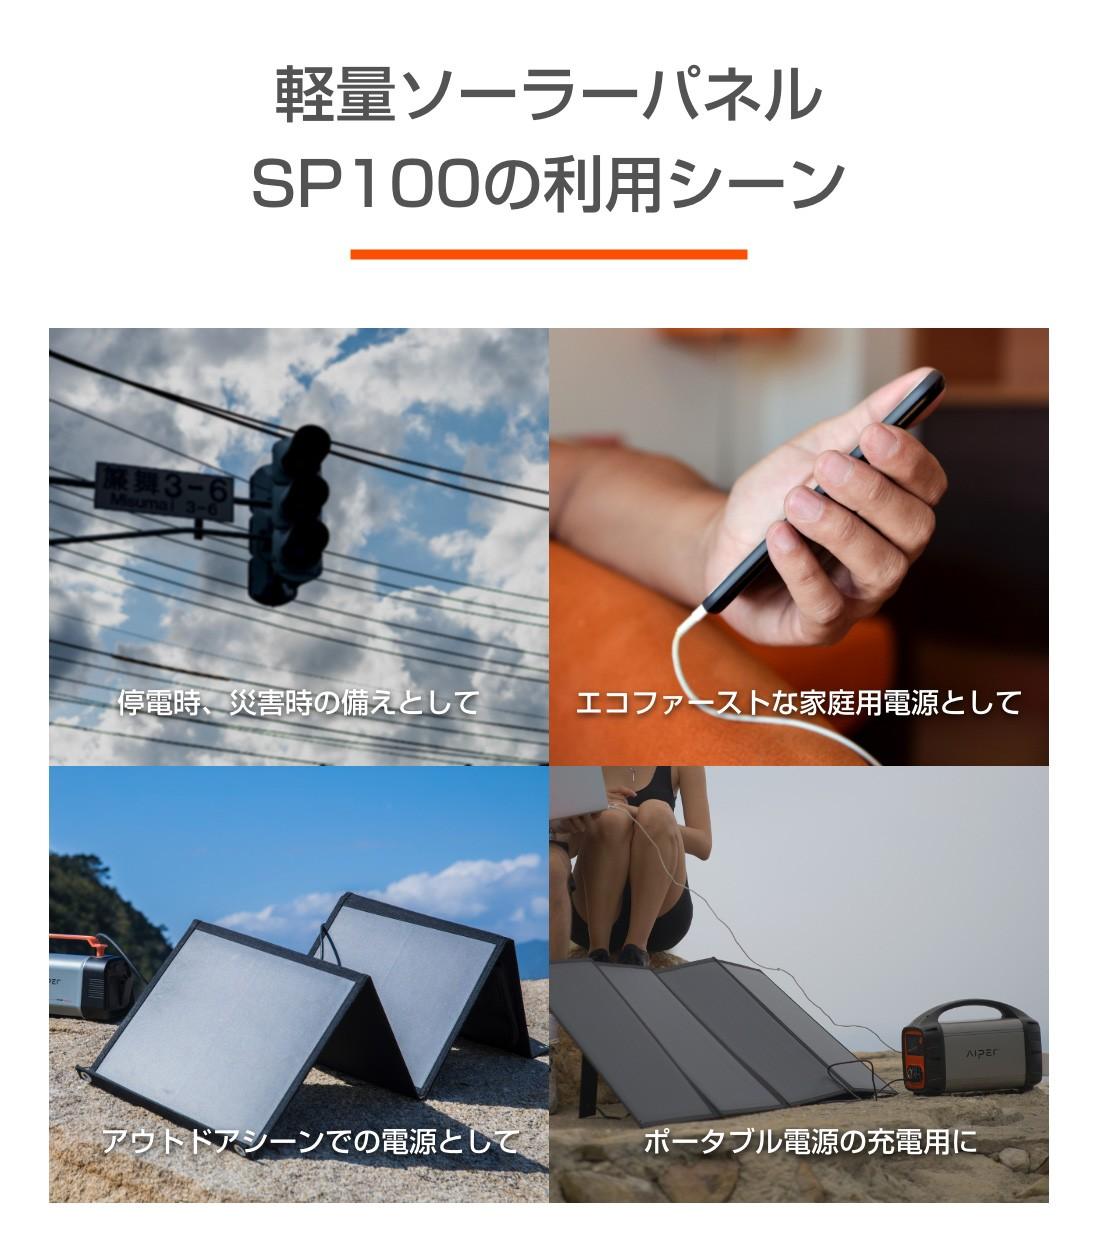 ソーラーパネル Aiper SP100